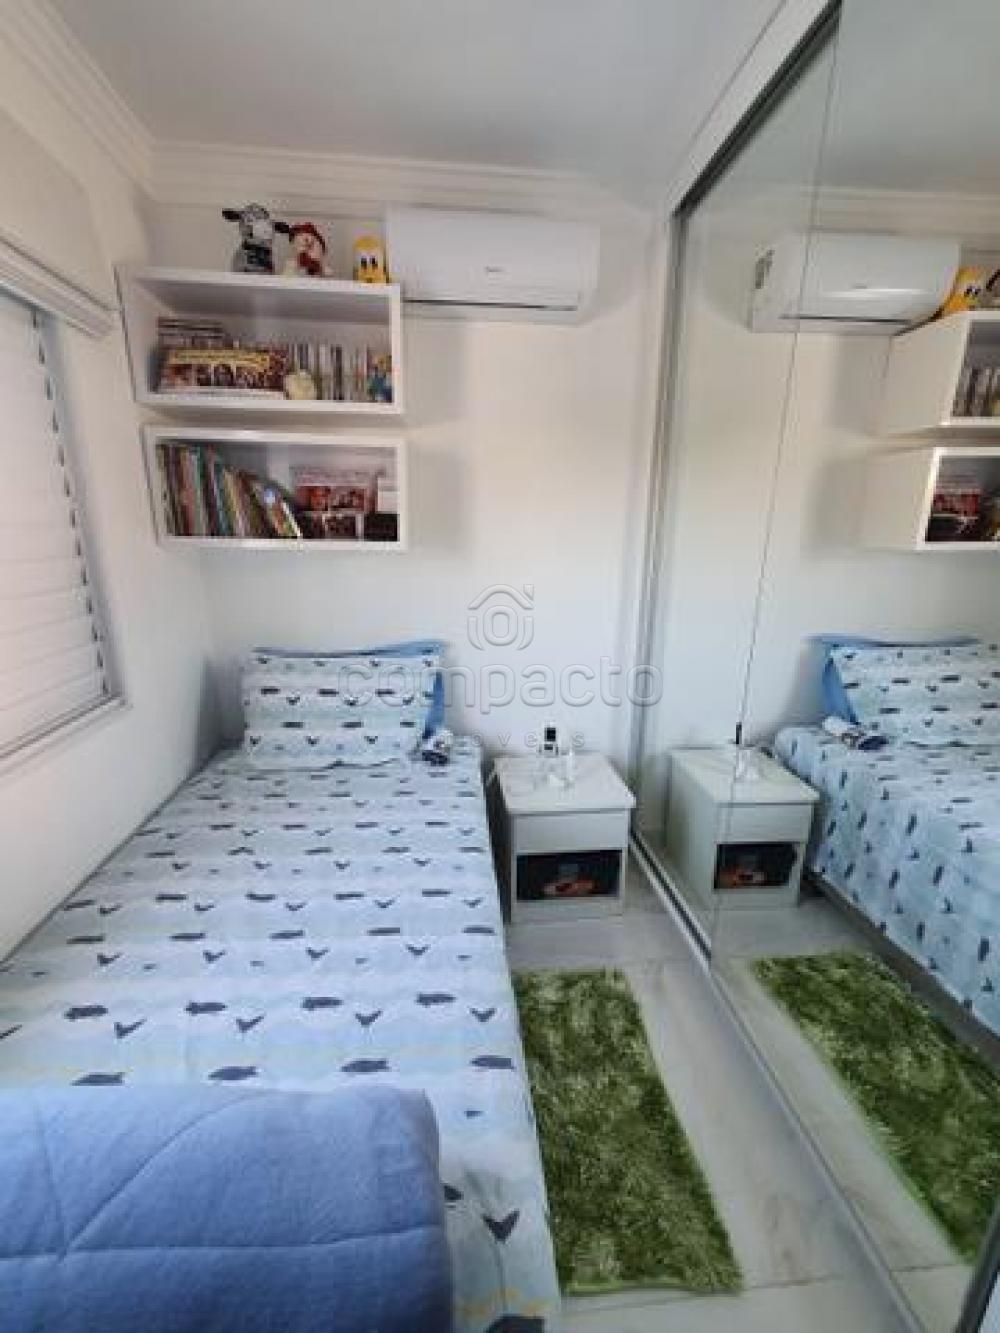 Comprar Casa / Condomínio em São José do Rio Preto apenas R$ 535.000,00 - Foto 6